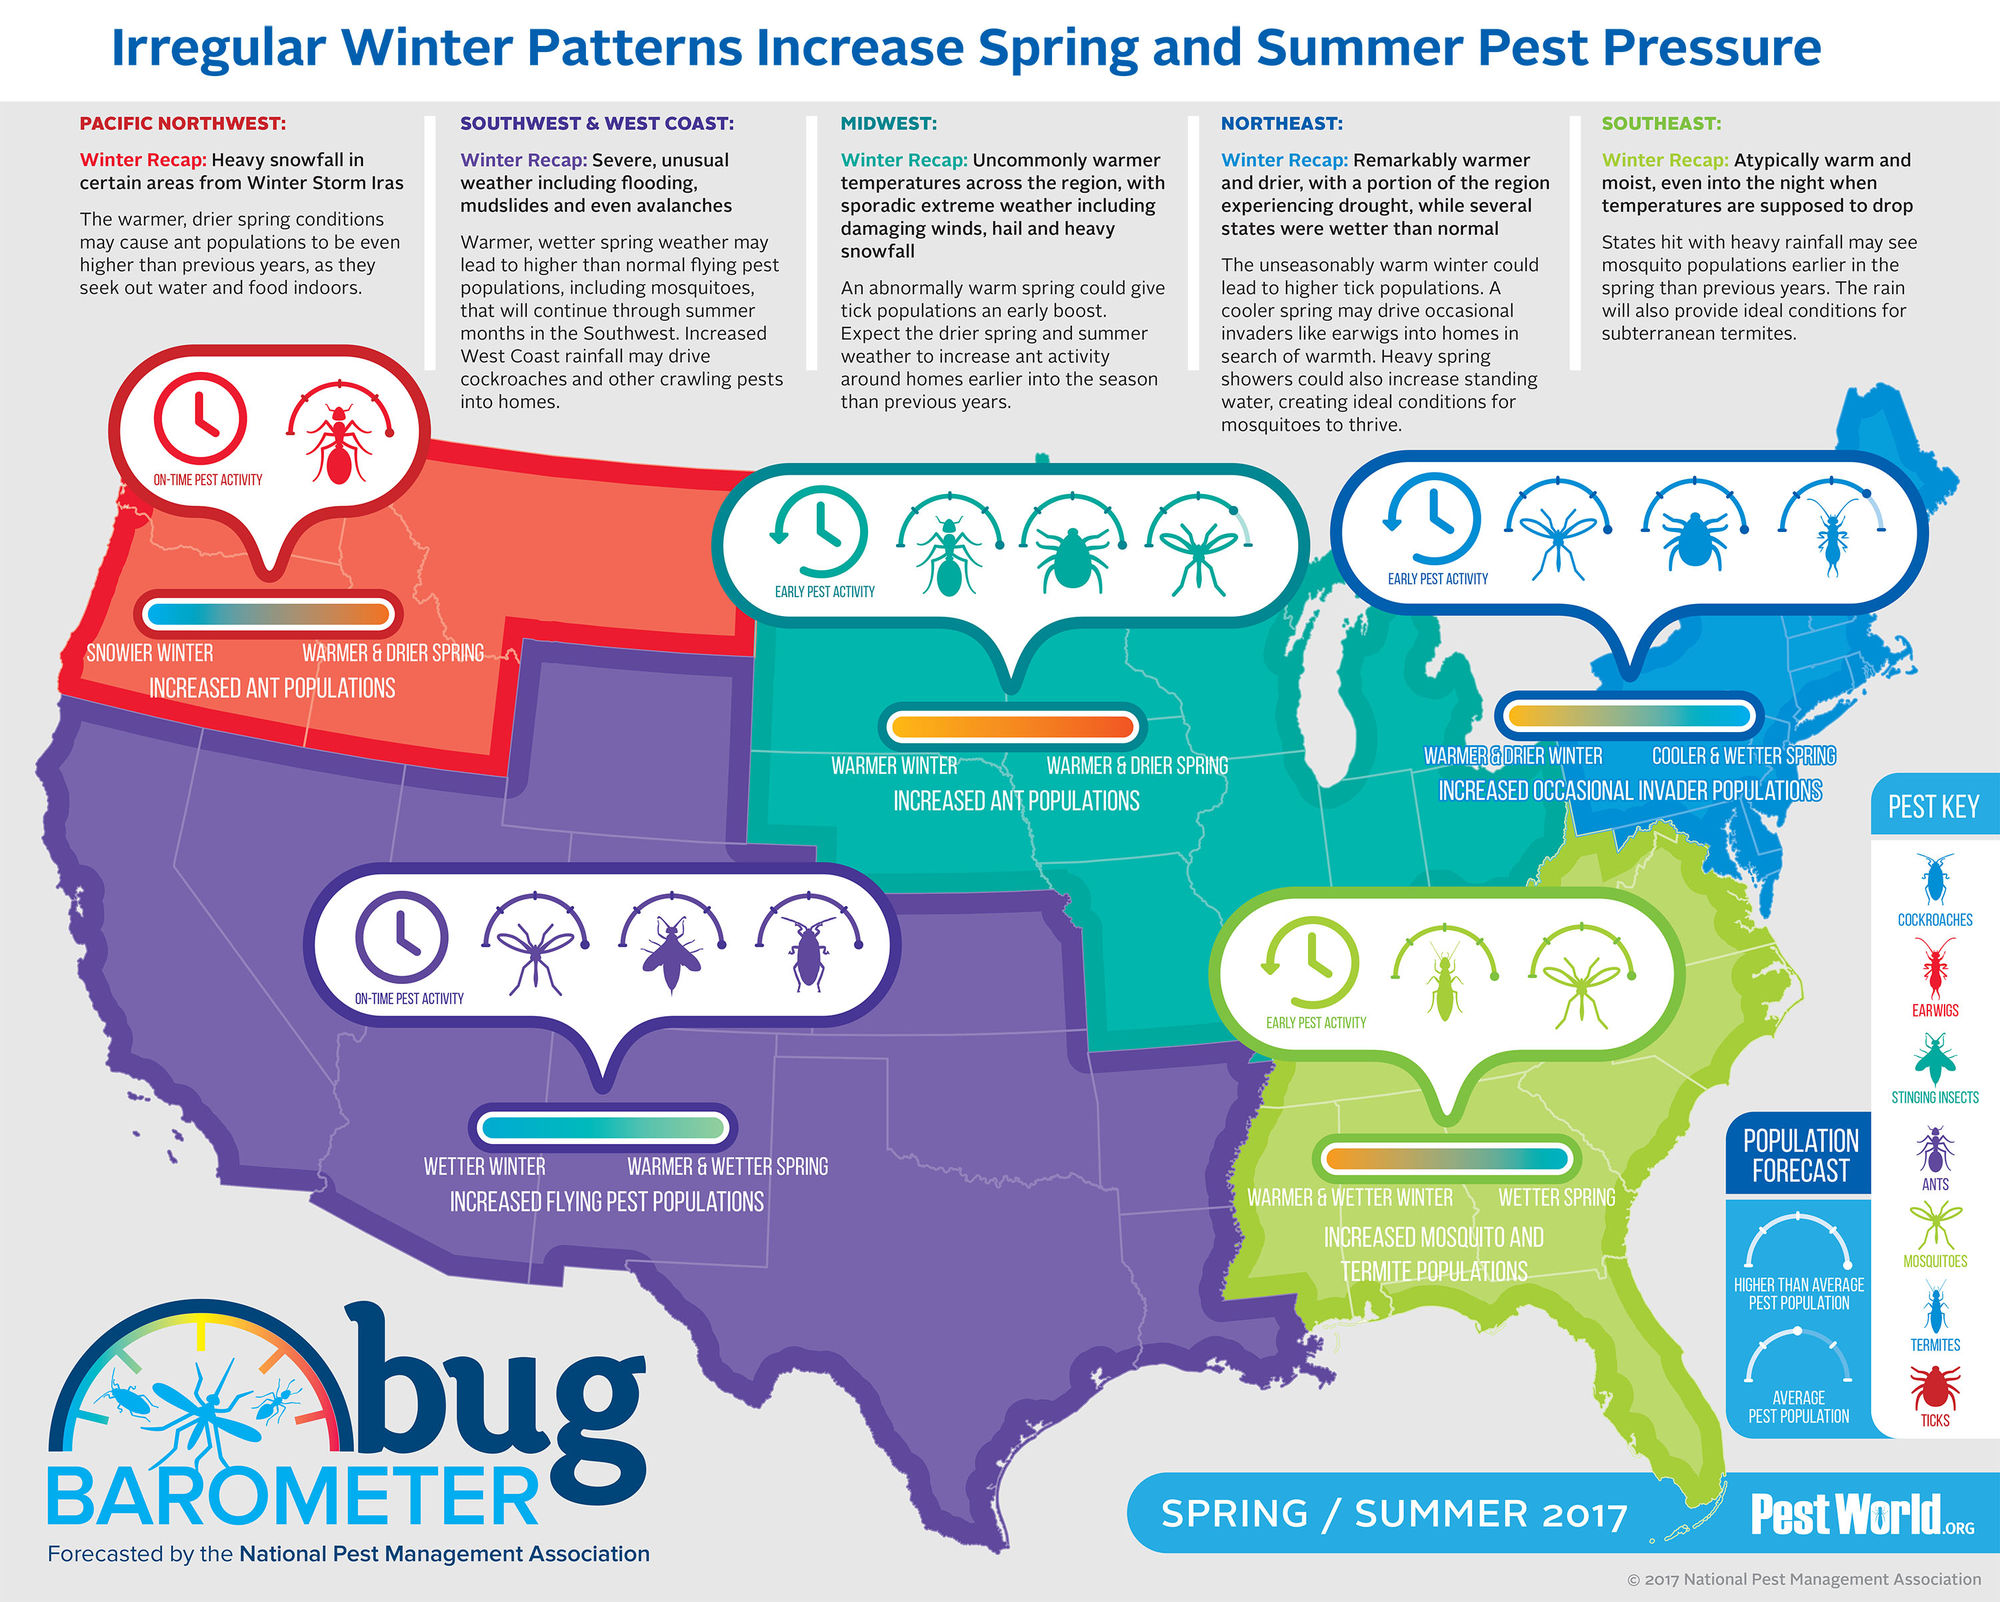 bug_barometer_spring_2017